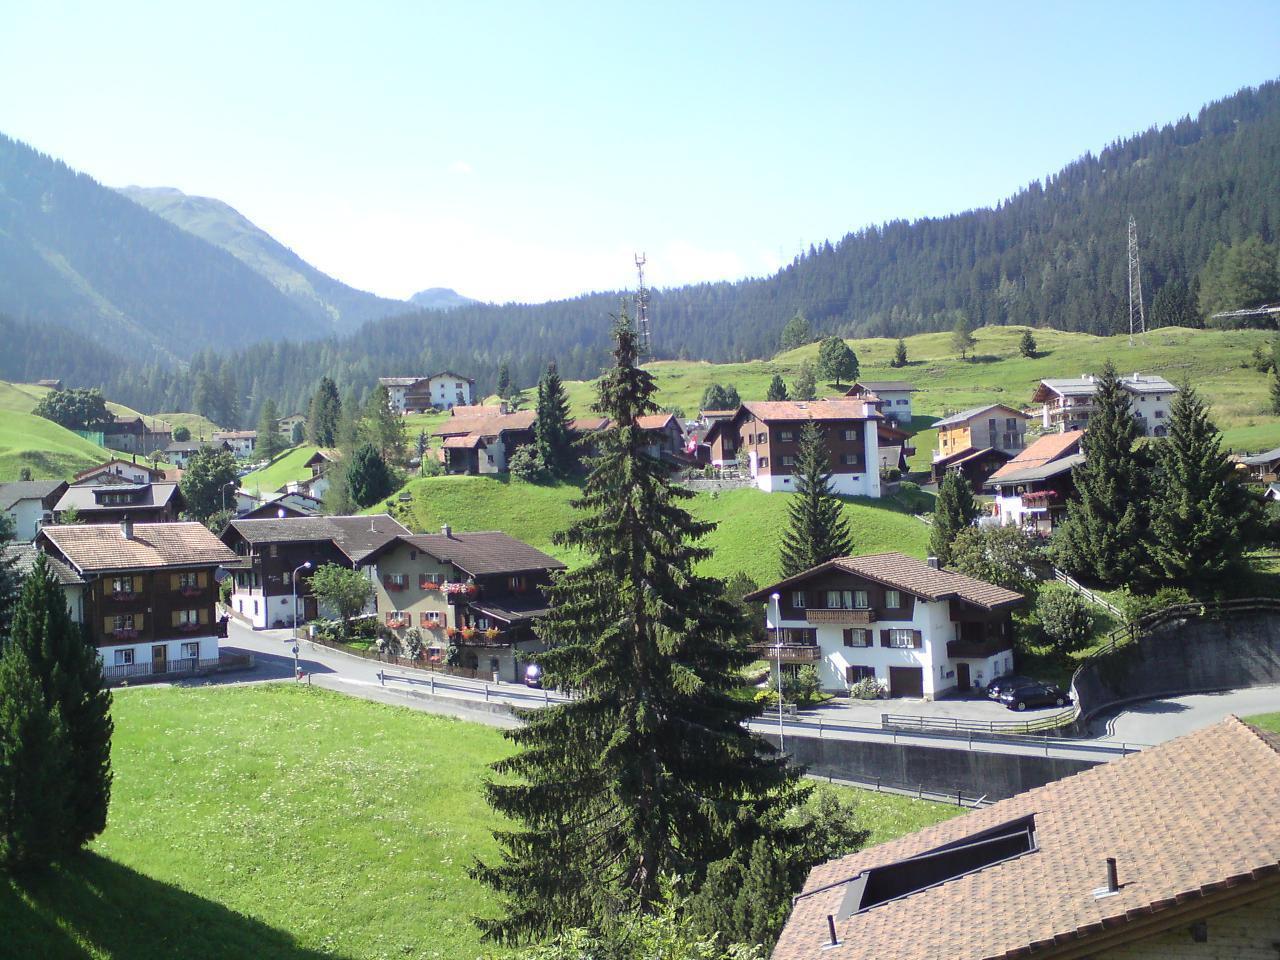 Appartement de vacances Luxuriöses Penthouse in Chalet /Top Lage (470460), Klosters, Davos - Klosters - Prättigau, Grisons, Suisse, image 24